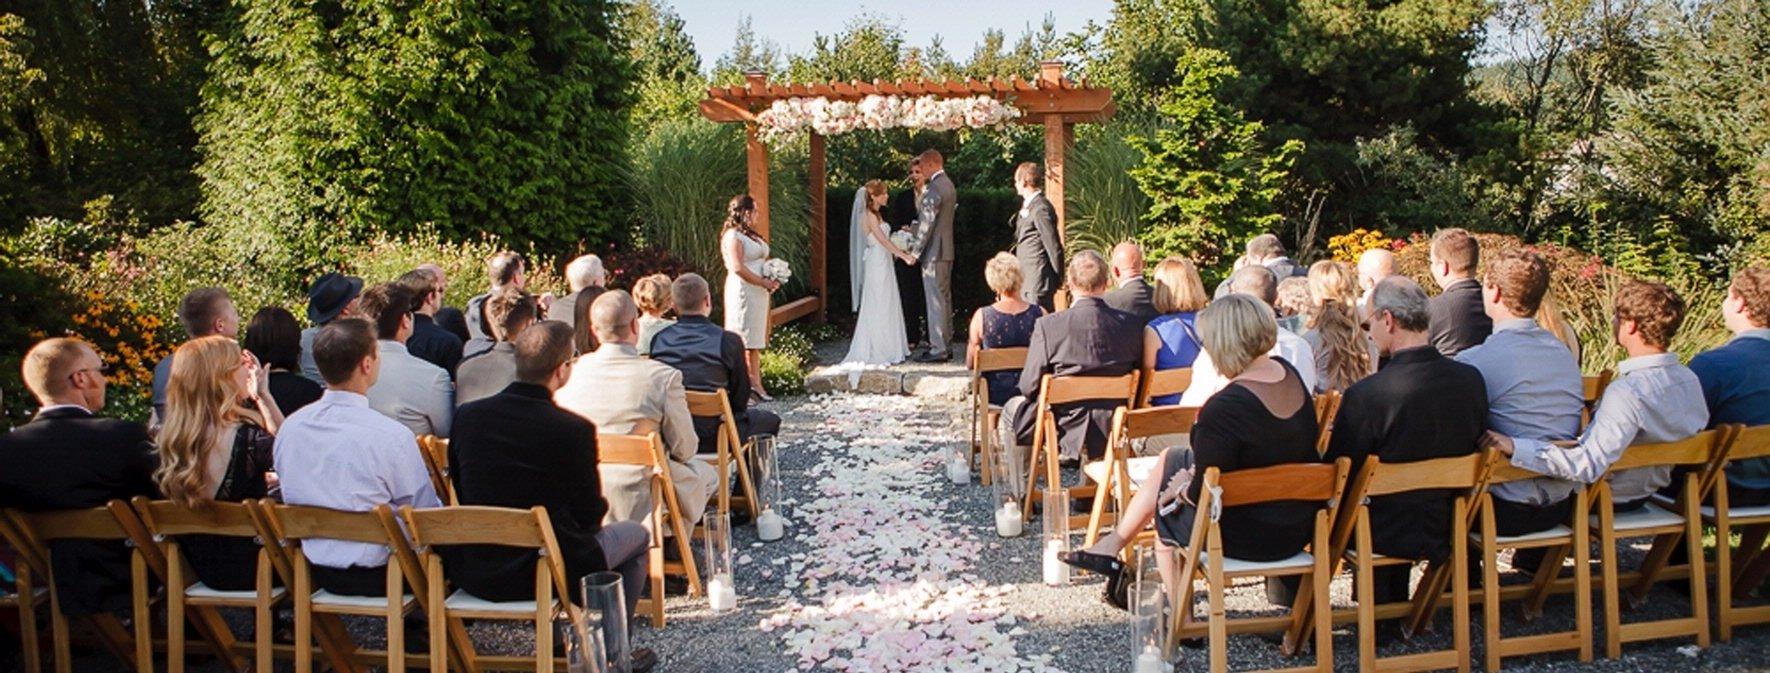 10 Ideal Wedding Ideas For Small Weddings nice outdoor small wedding venues small weddings our wedding ideas 2021